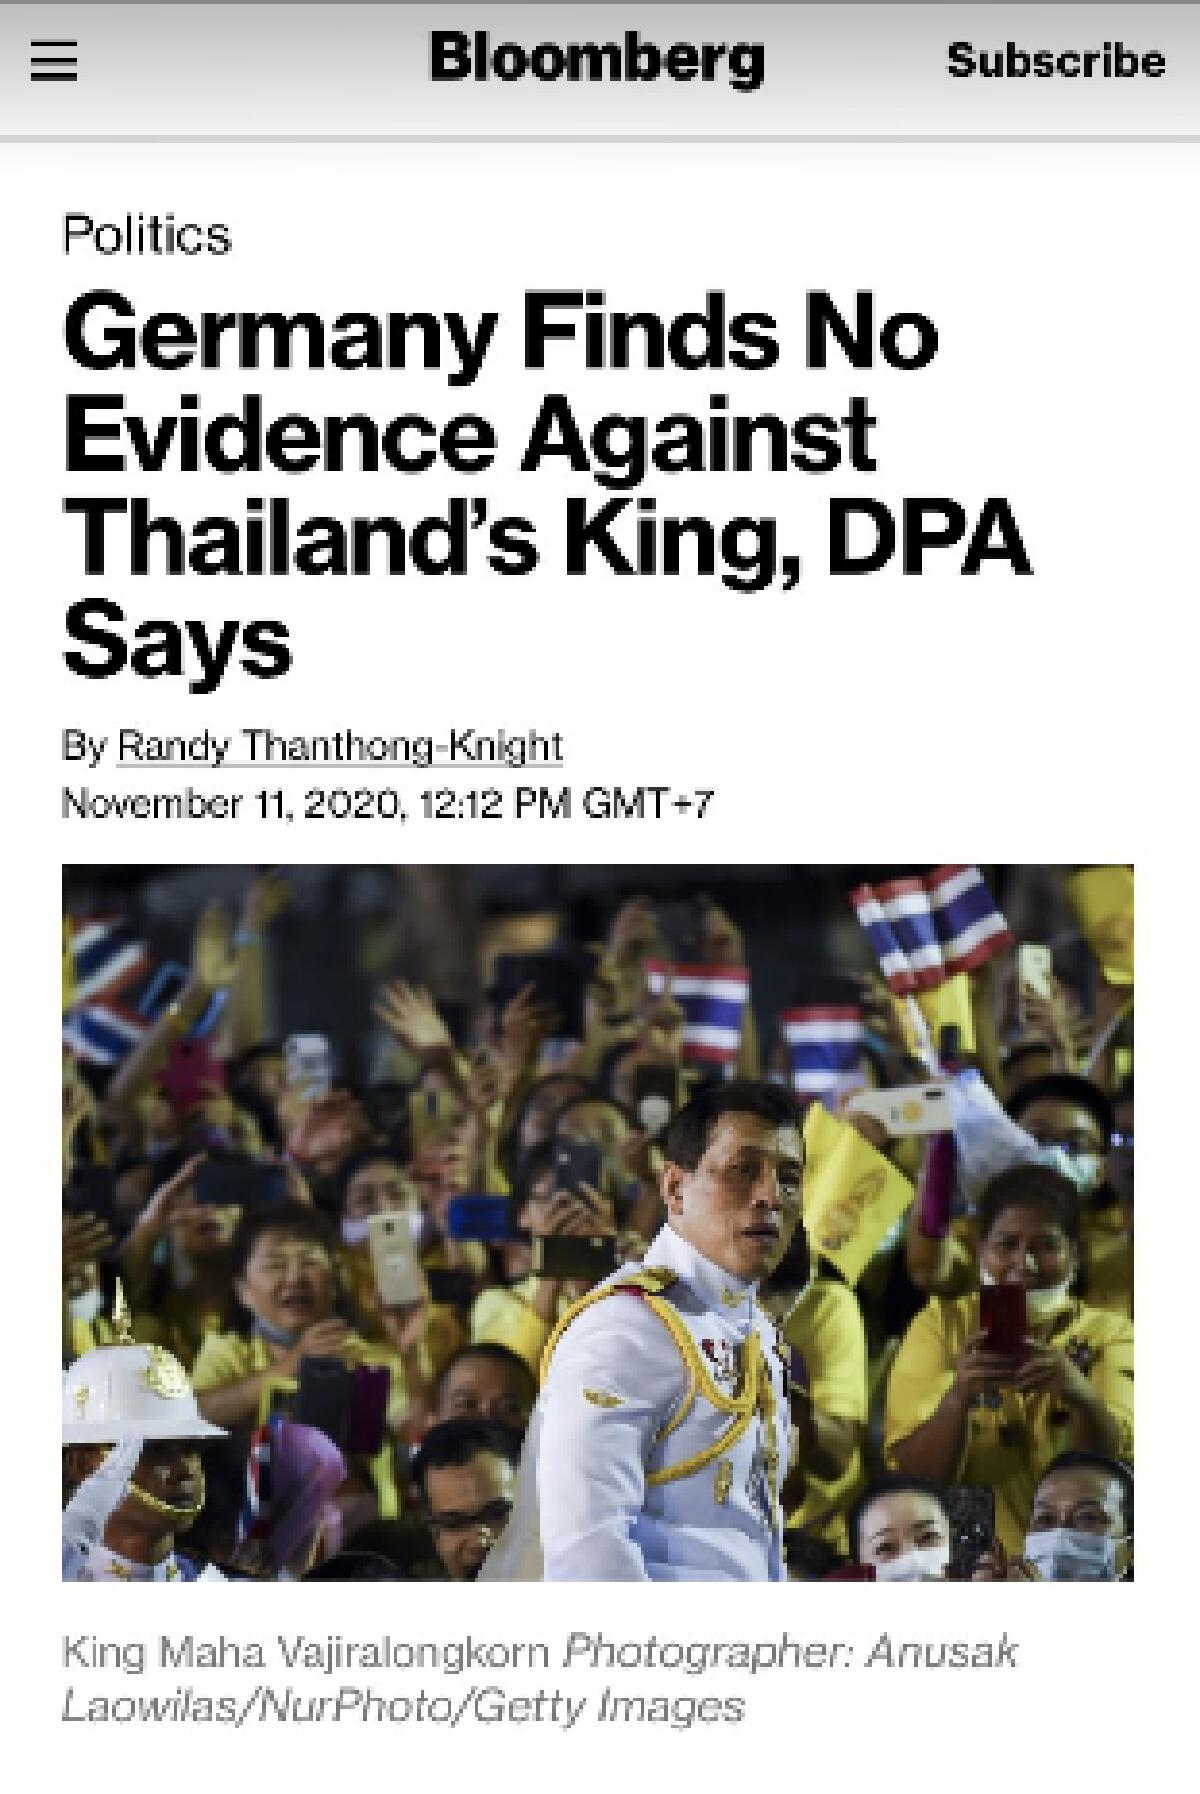 ชัดเจน! เยอรมนี แถลงไม่พบหลักฐานว่ากษัตริย์ไทยทรงงานละเมิดกฎหมาย